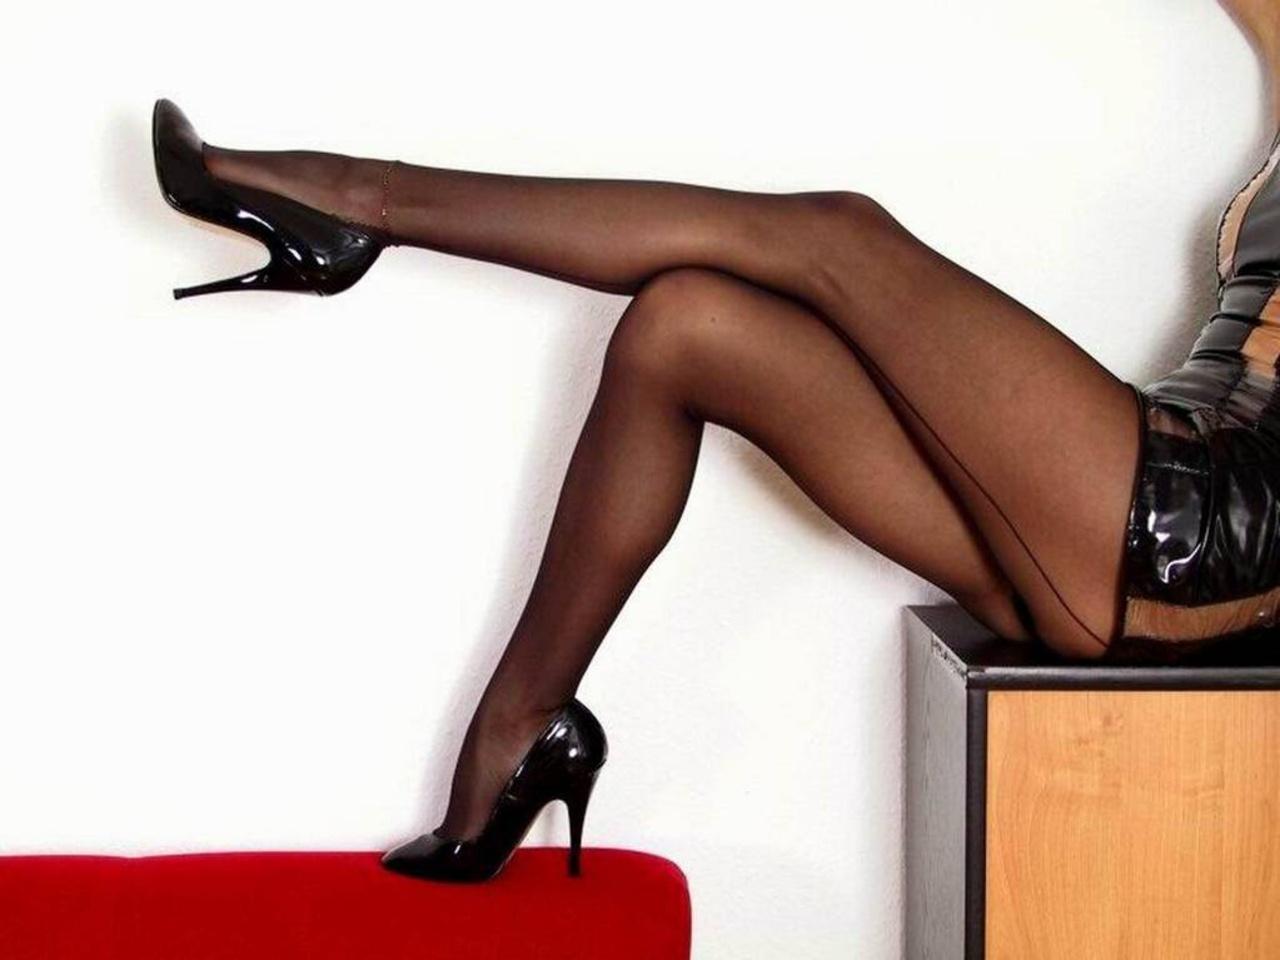 Выложили нет фото женщина ножки колготки интим